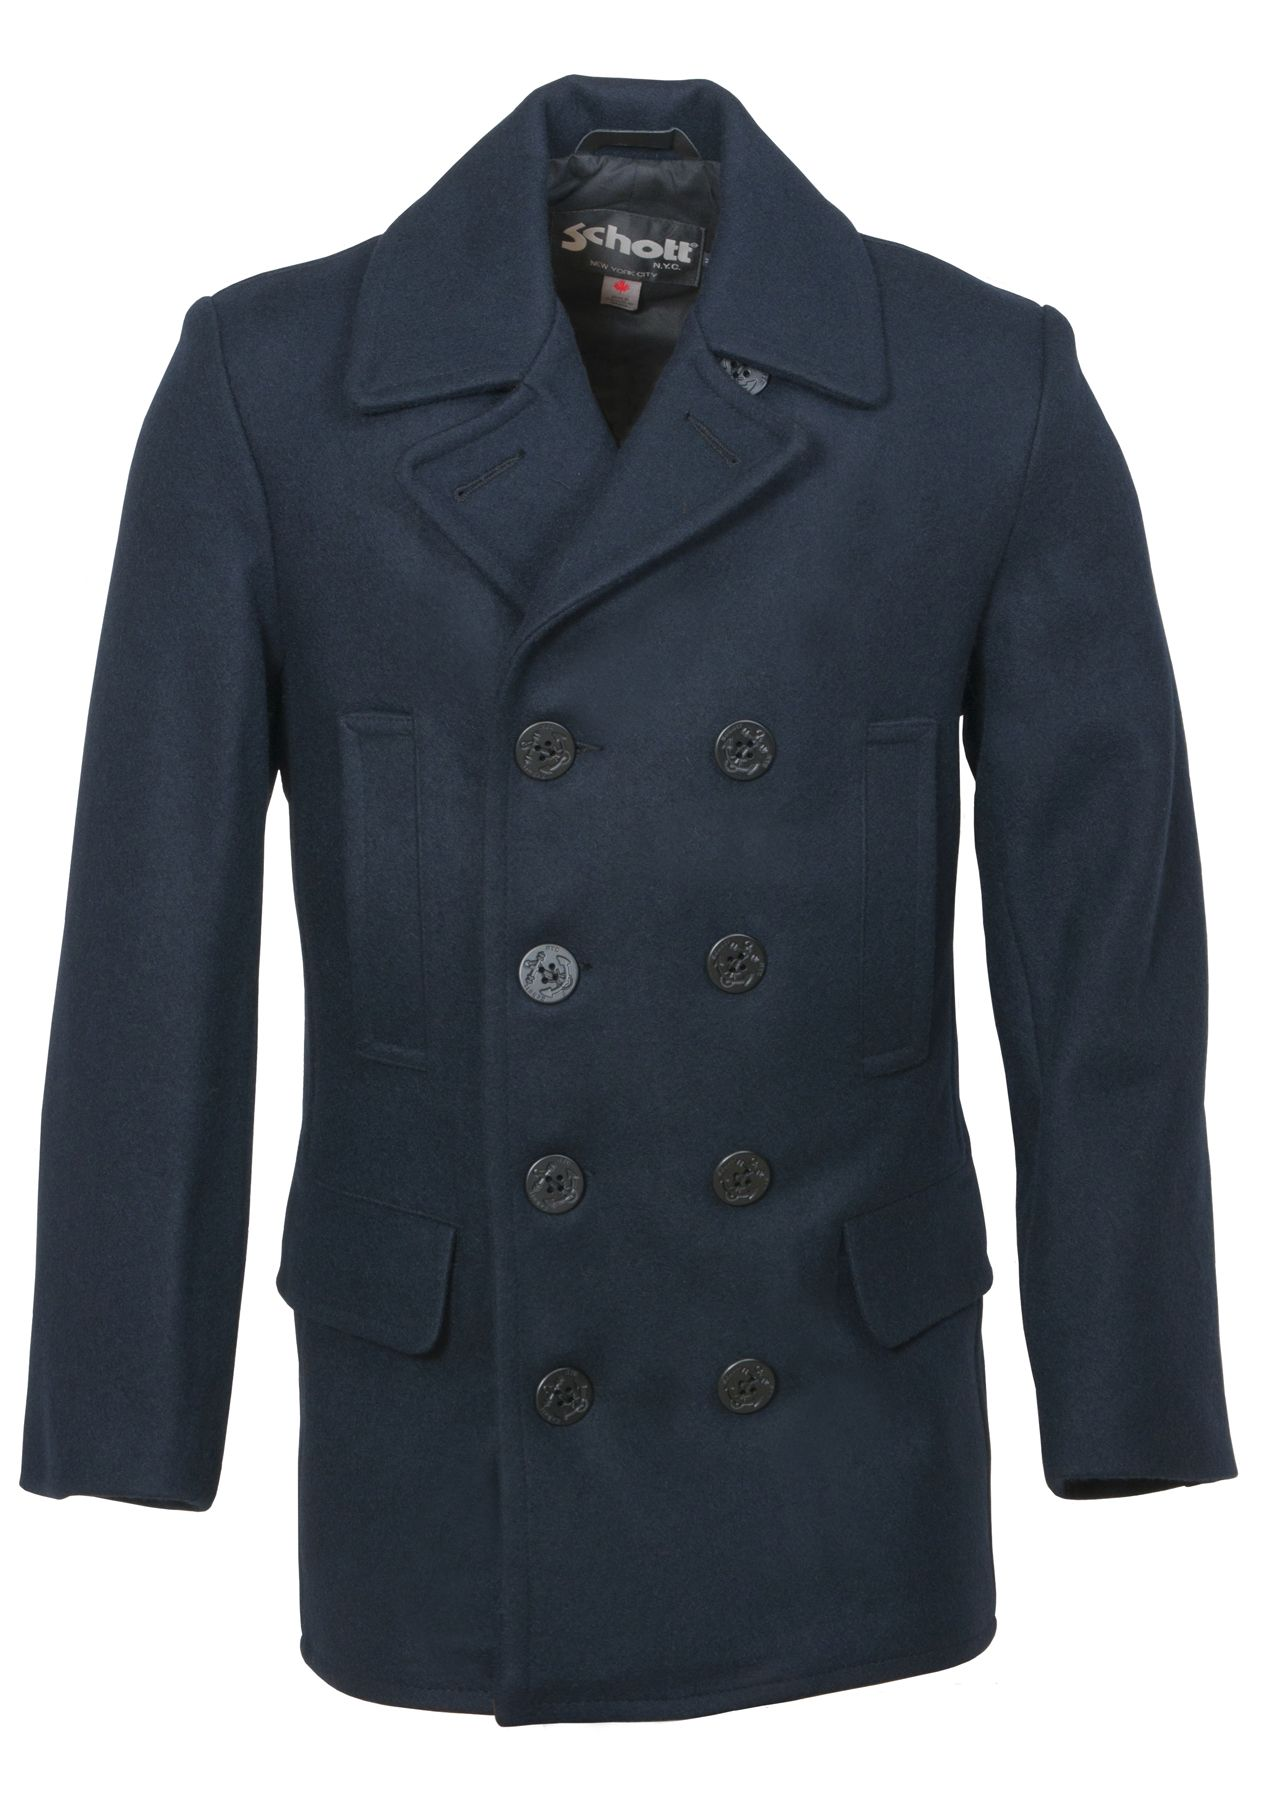 a0e272c6a64 Men's Slim Fitting Wool Peacoat DU704I | Style | Slim man, Coat ...